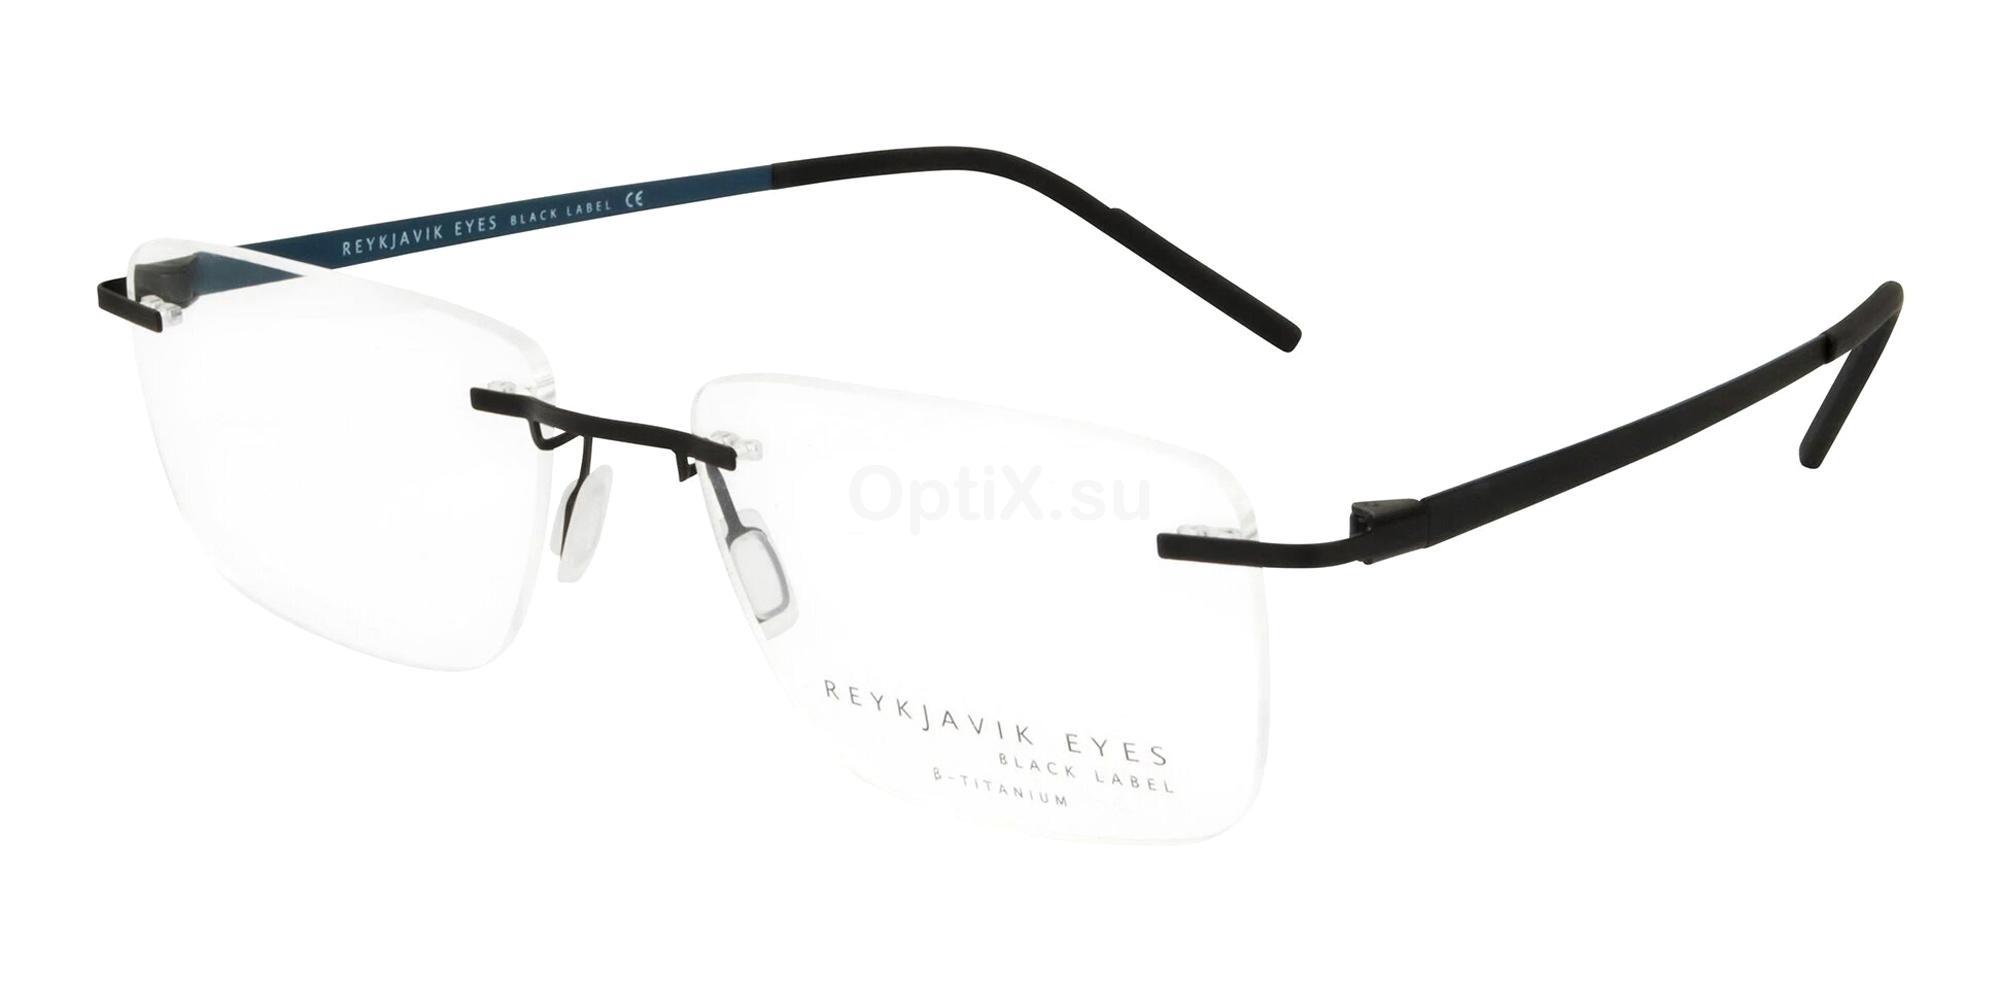 С1 IVAN Glasses, Reykjavik Eyes Black Label